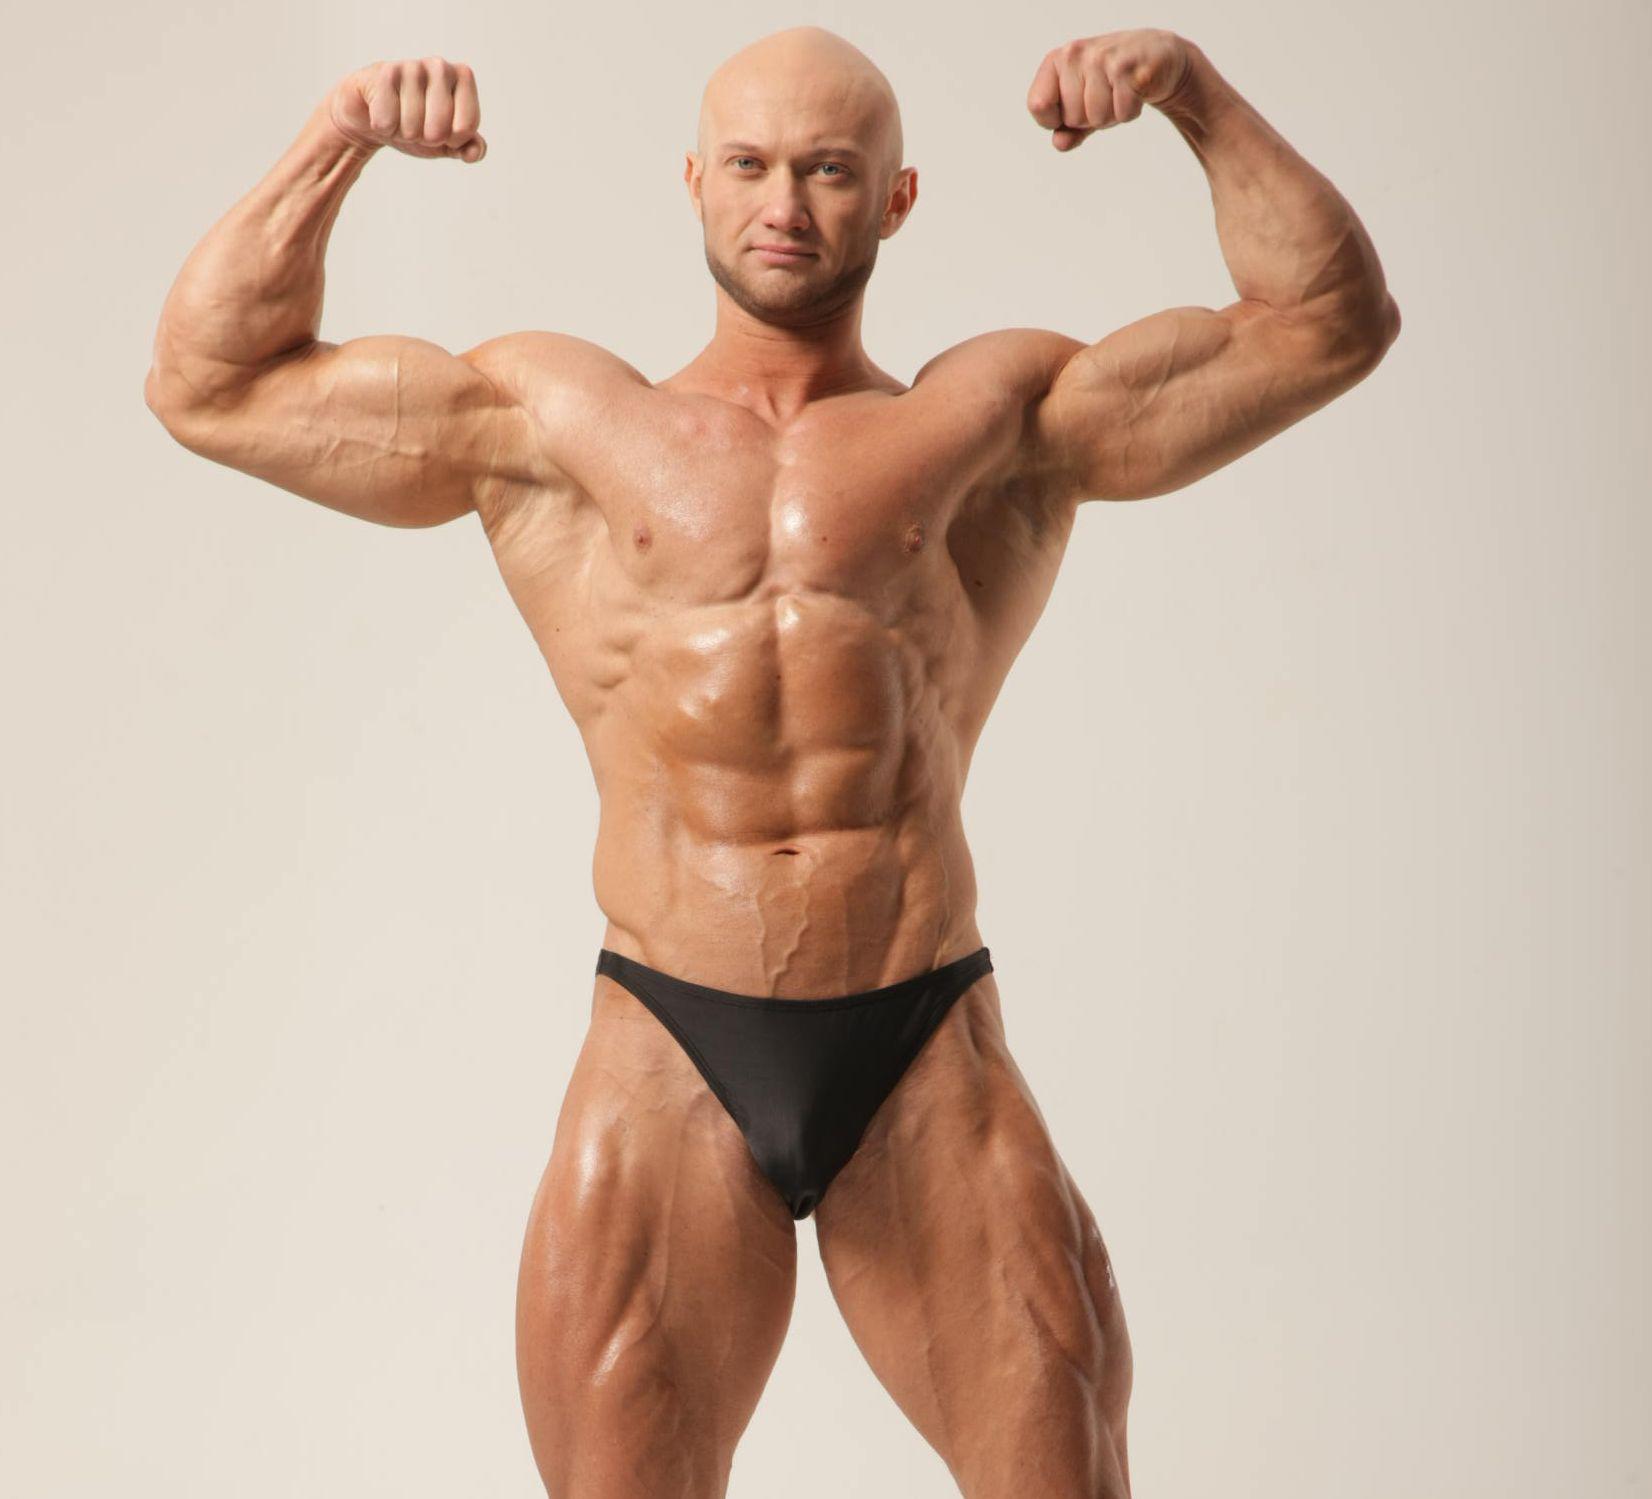 Дмитрий варгунин - биография фитнес блогера, бодибилдера и тренера